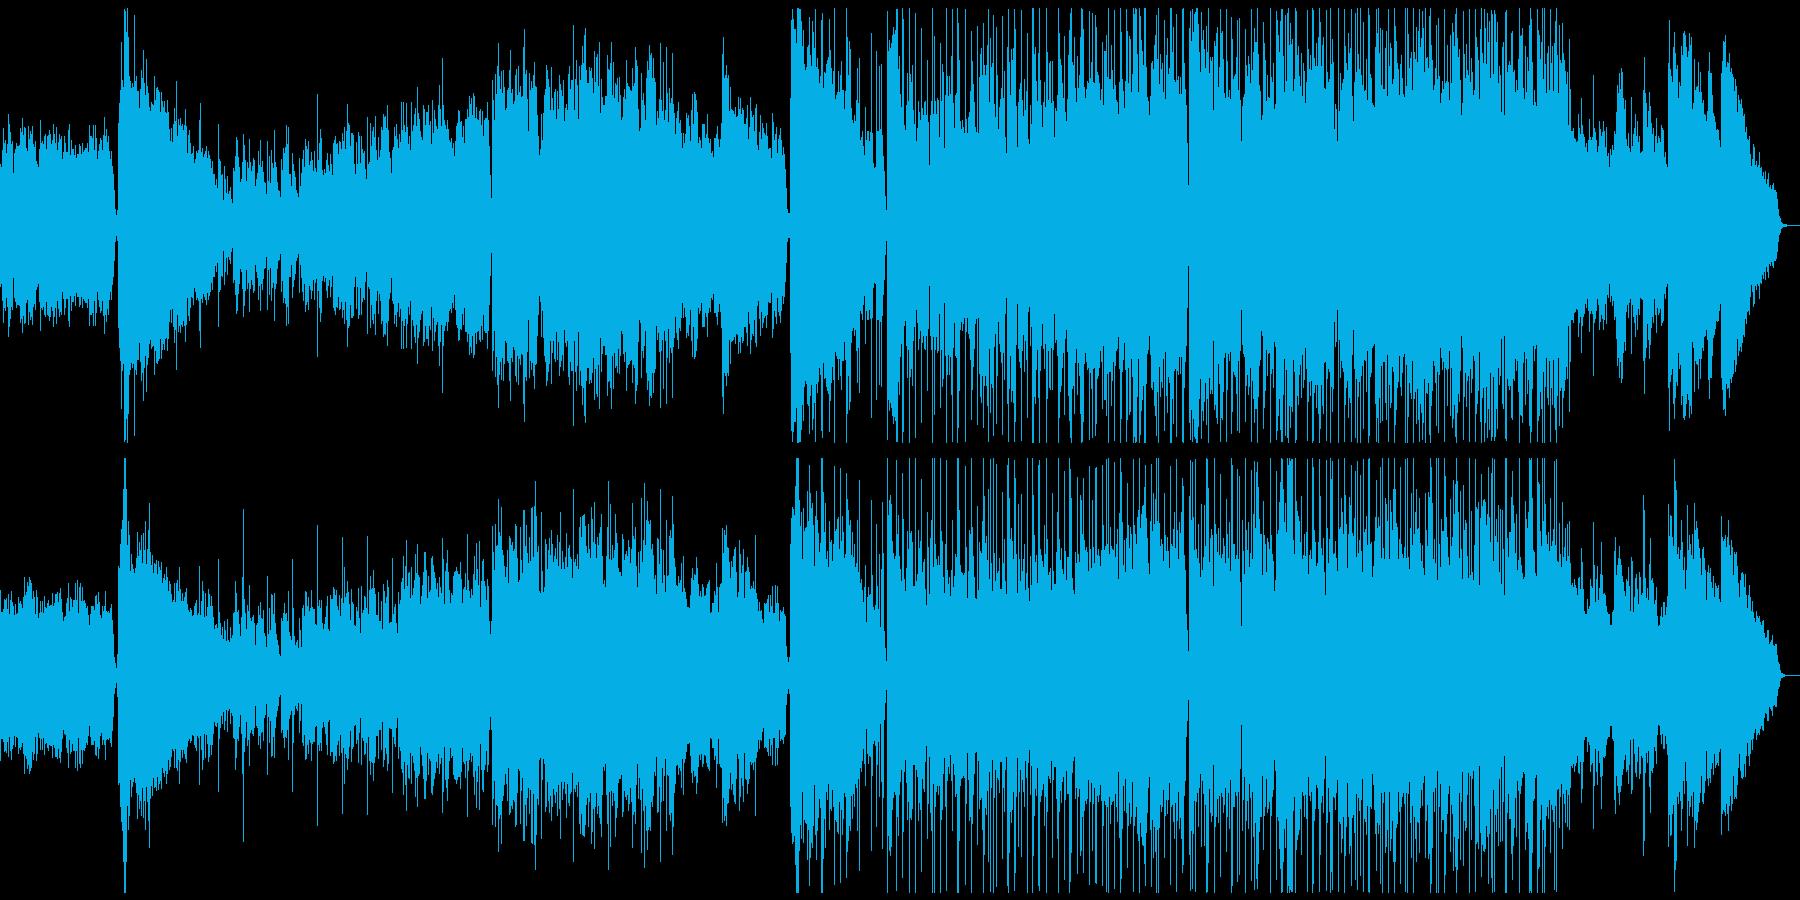 切ない雰囲気80年代風のJpopバラードの再生済みの波形